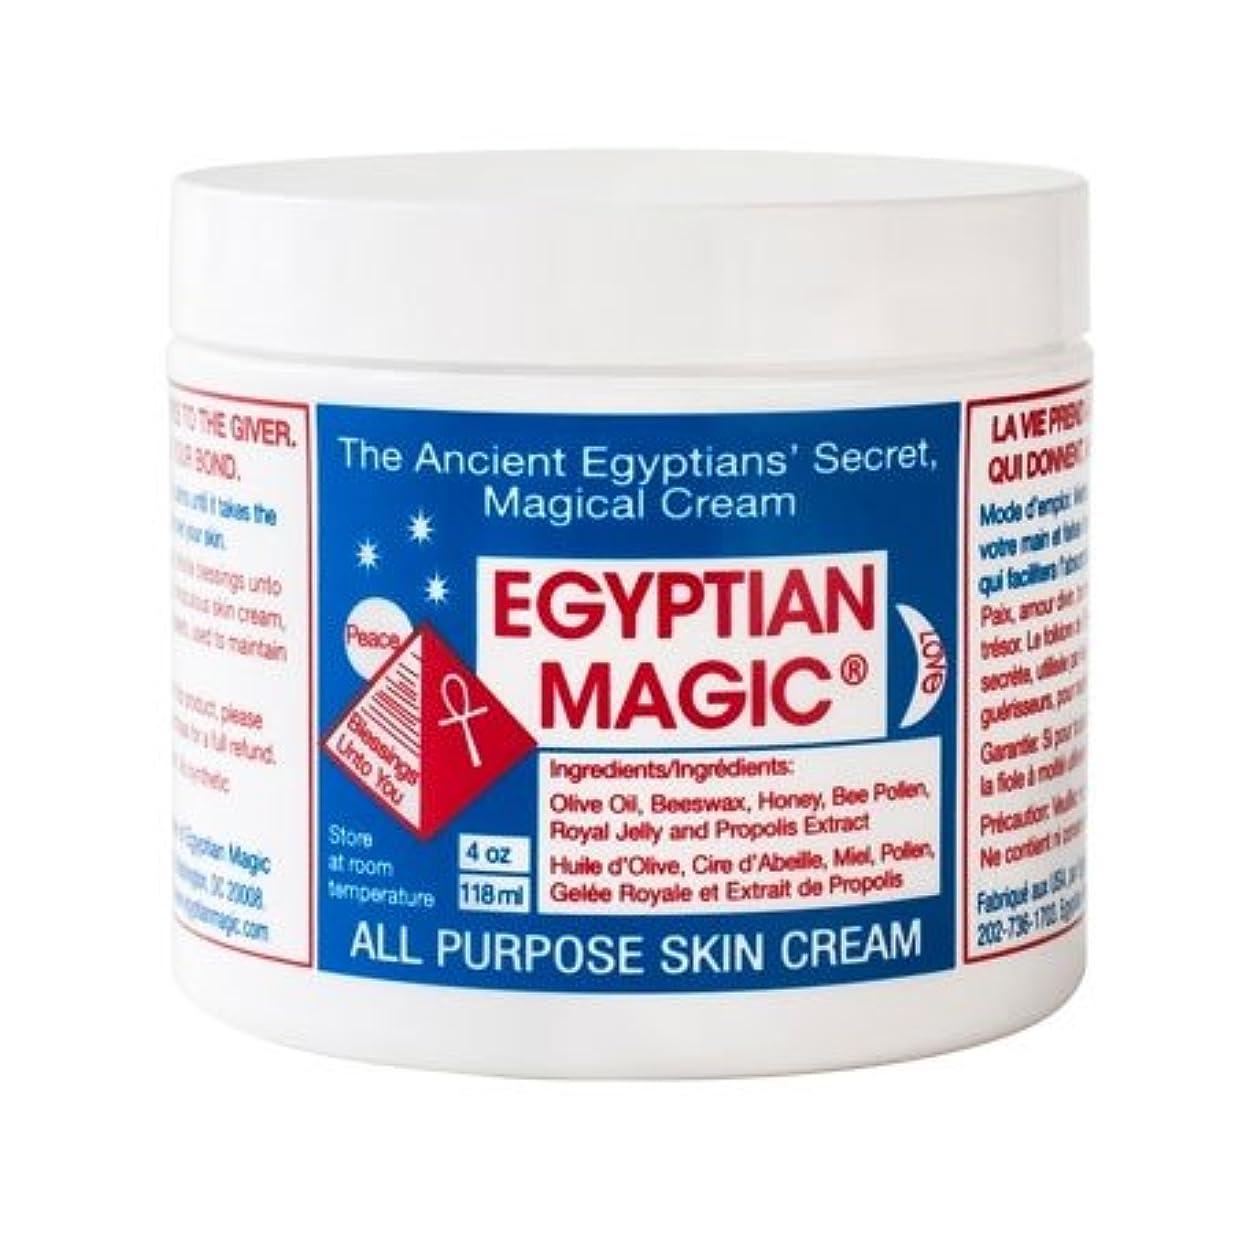 争い資料どこにもエジプシャンマジック エジプシャン マジック クリーム 118ml 海外仕様パッケージ